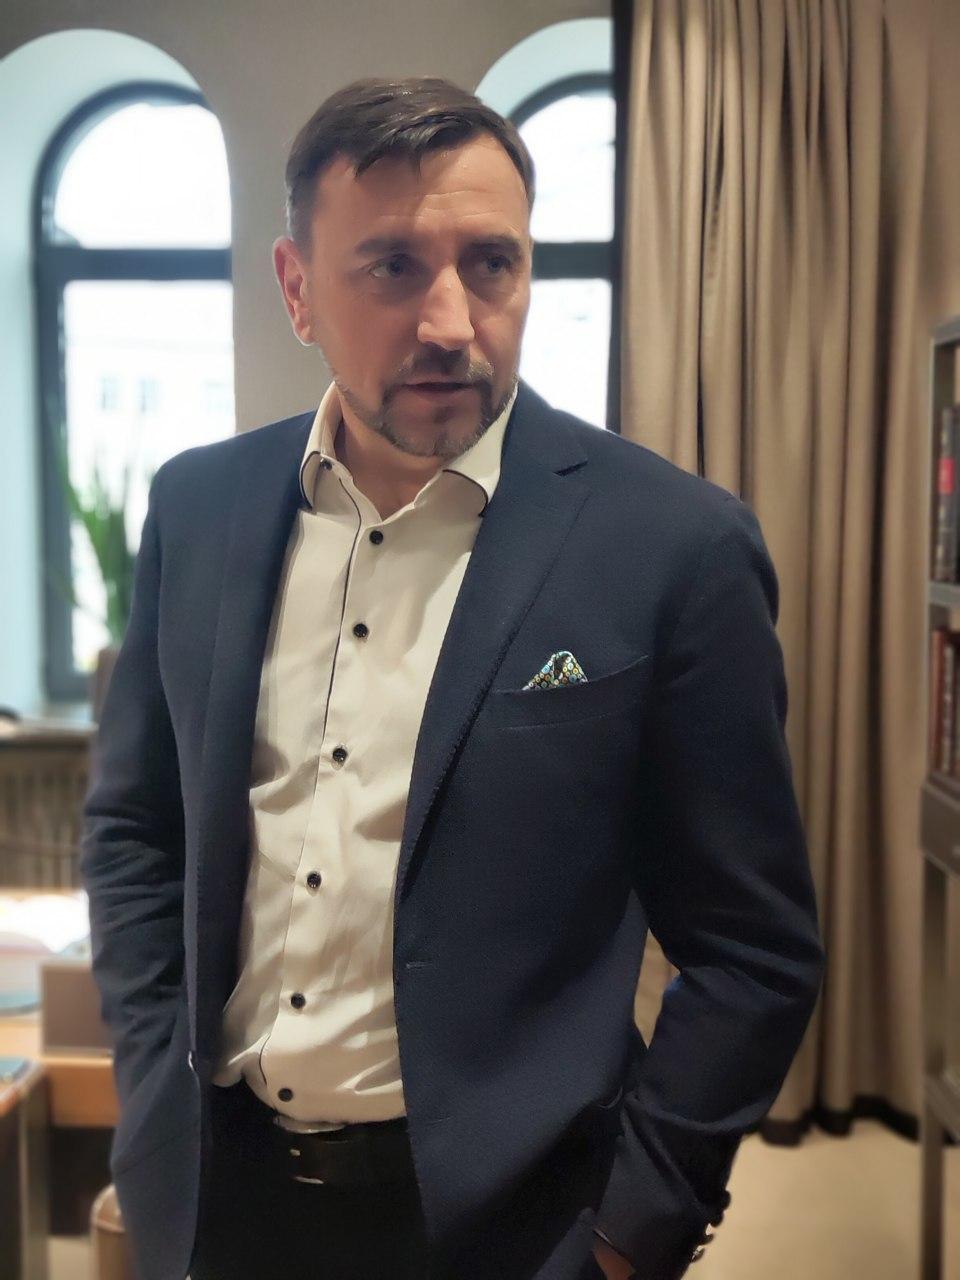 Вячеслав Лысенко: «Новый бизнес будет идти в паре с наукой» 7